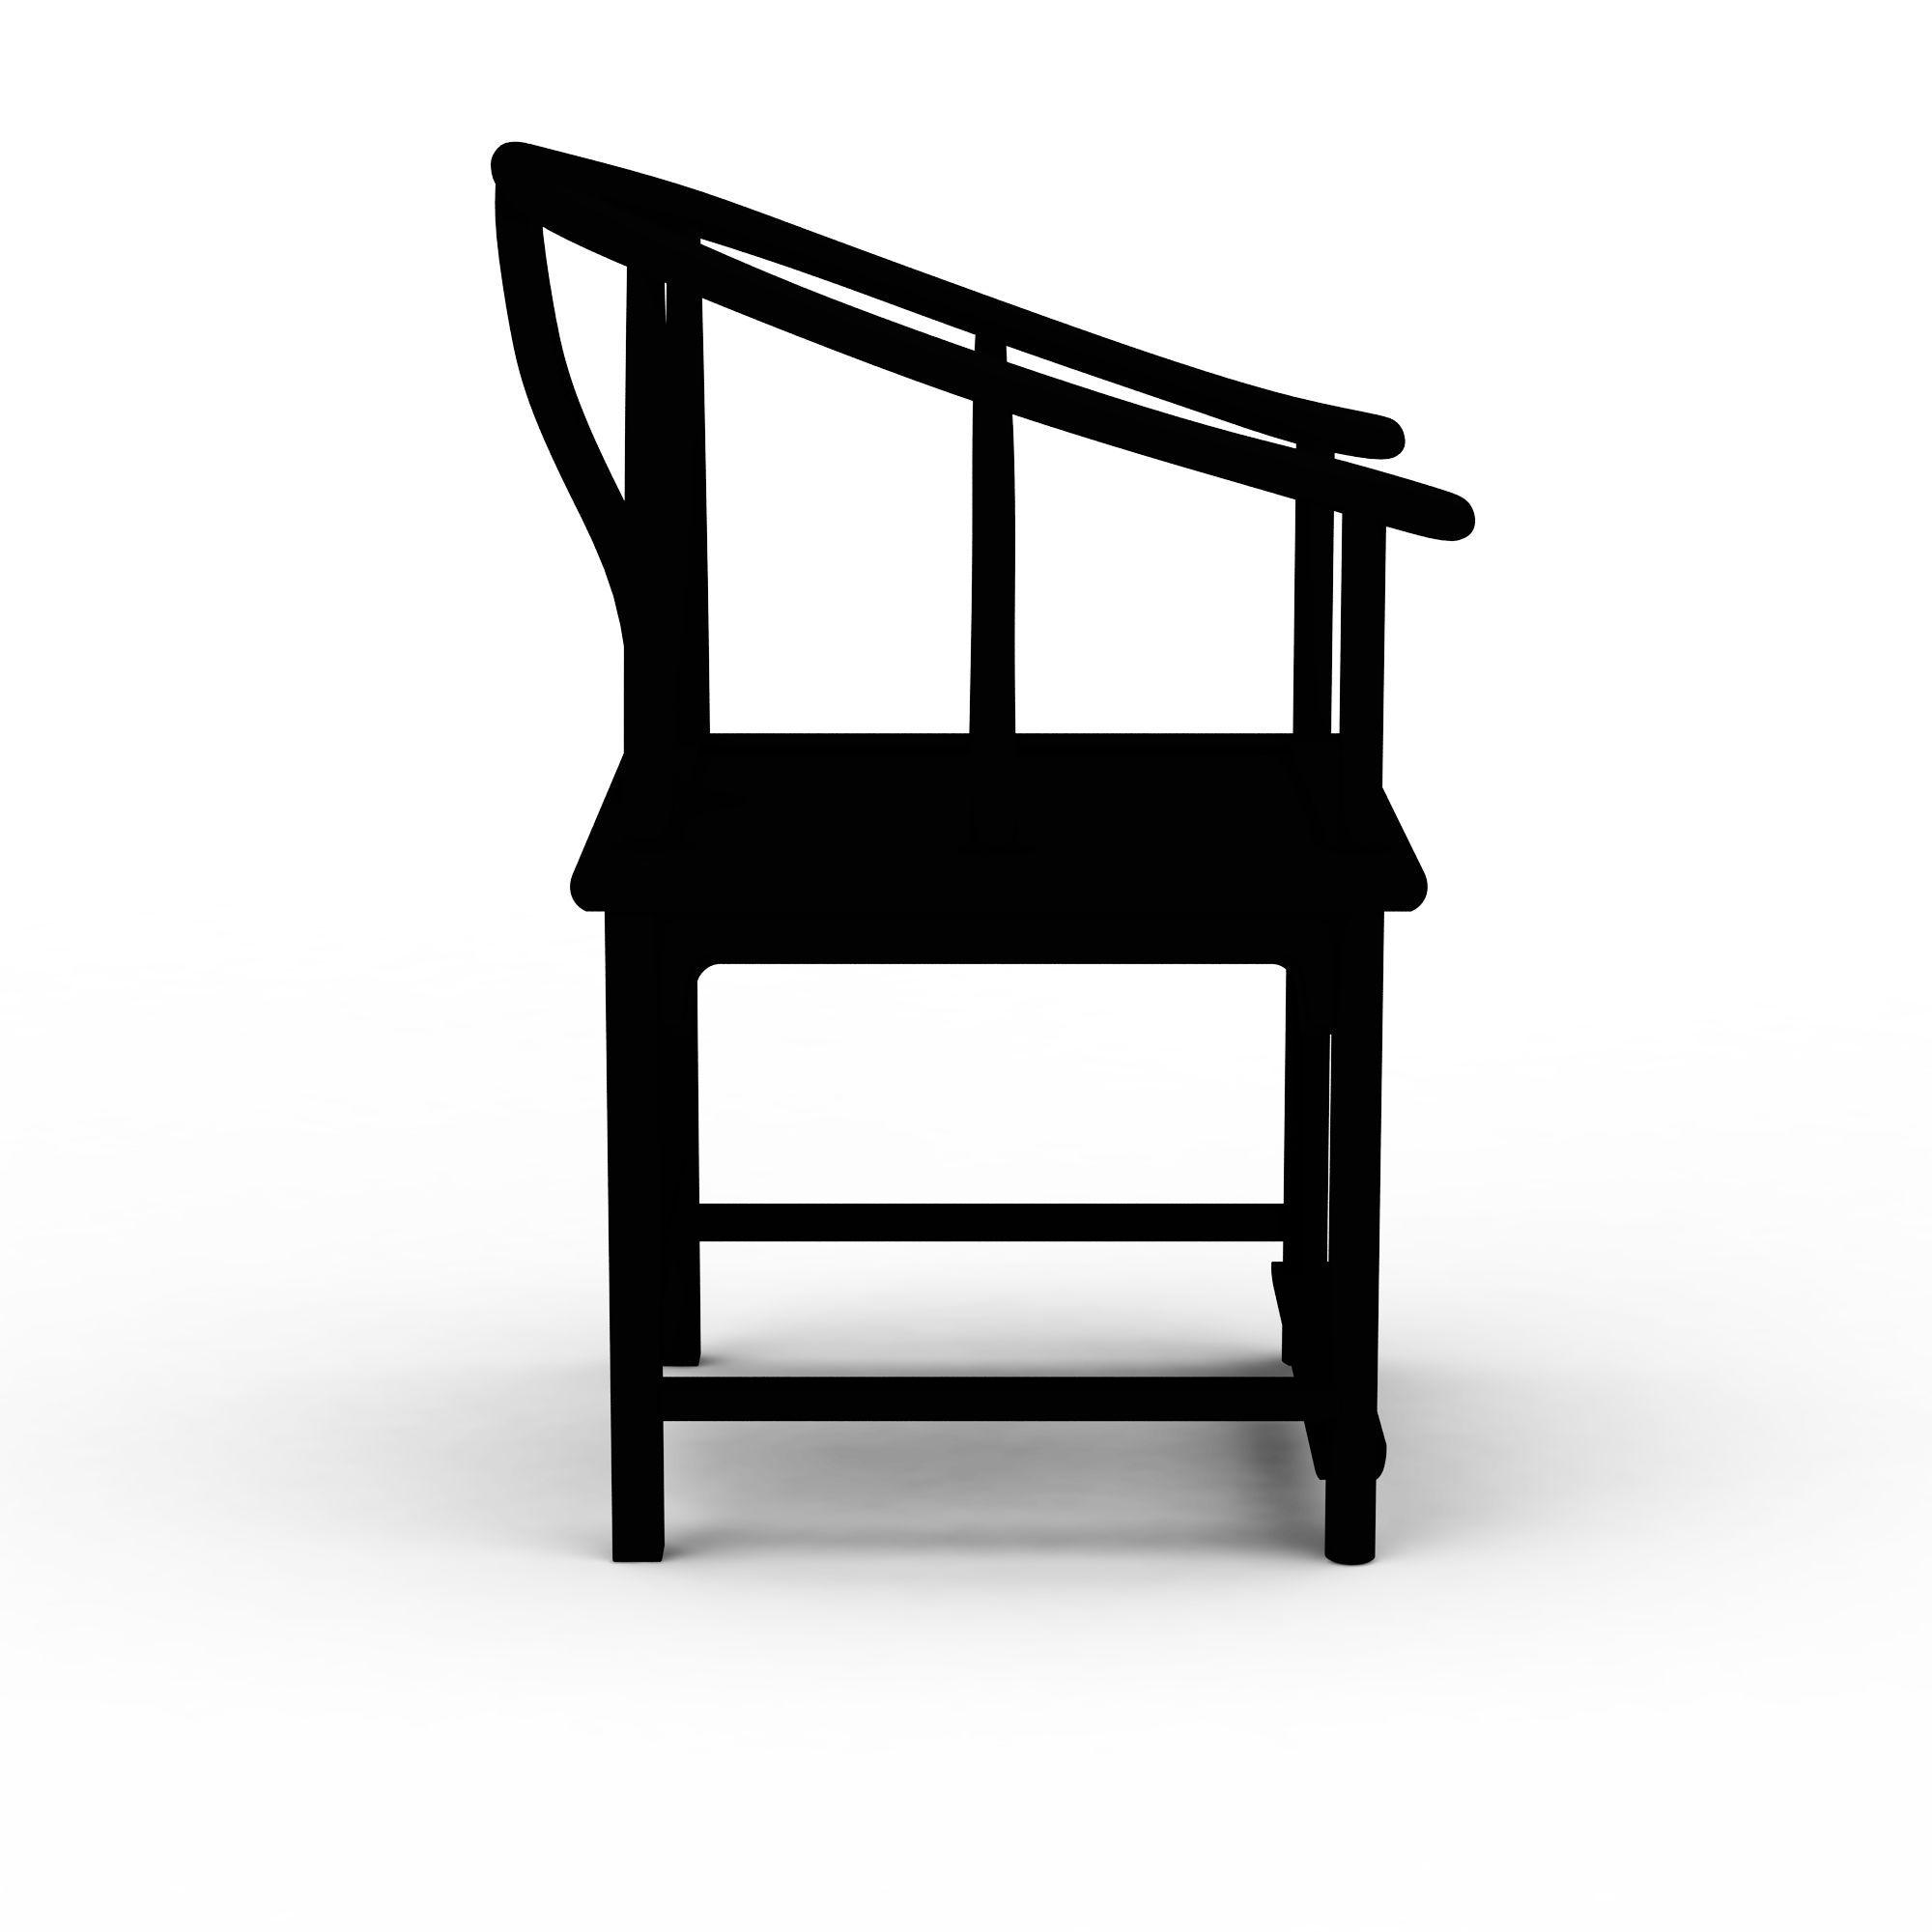 椅 中式椅子3d模型 中式椅子png高清图  中式椅子高清图详情 设计师